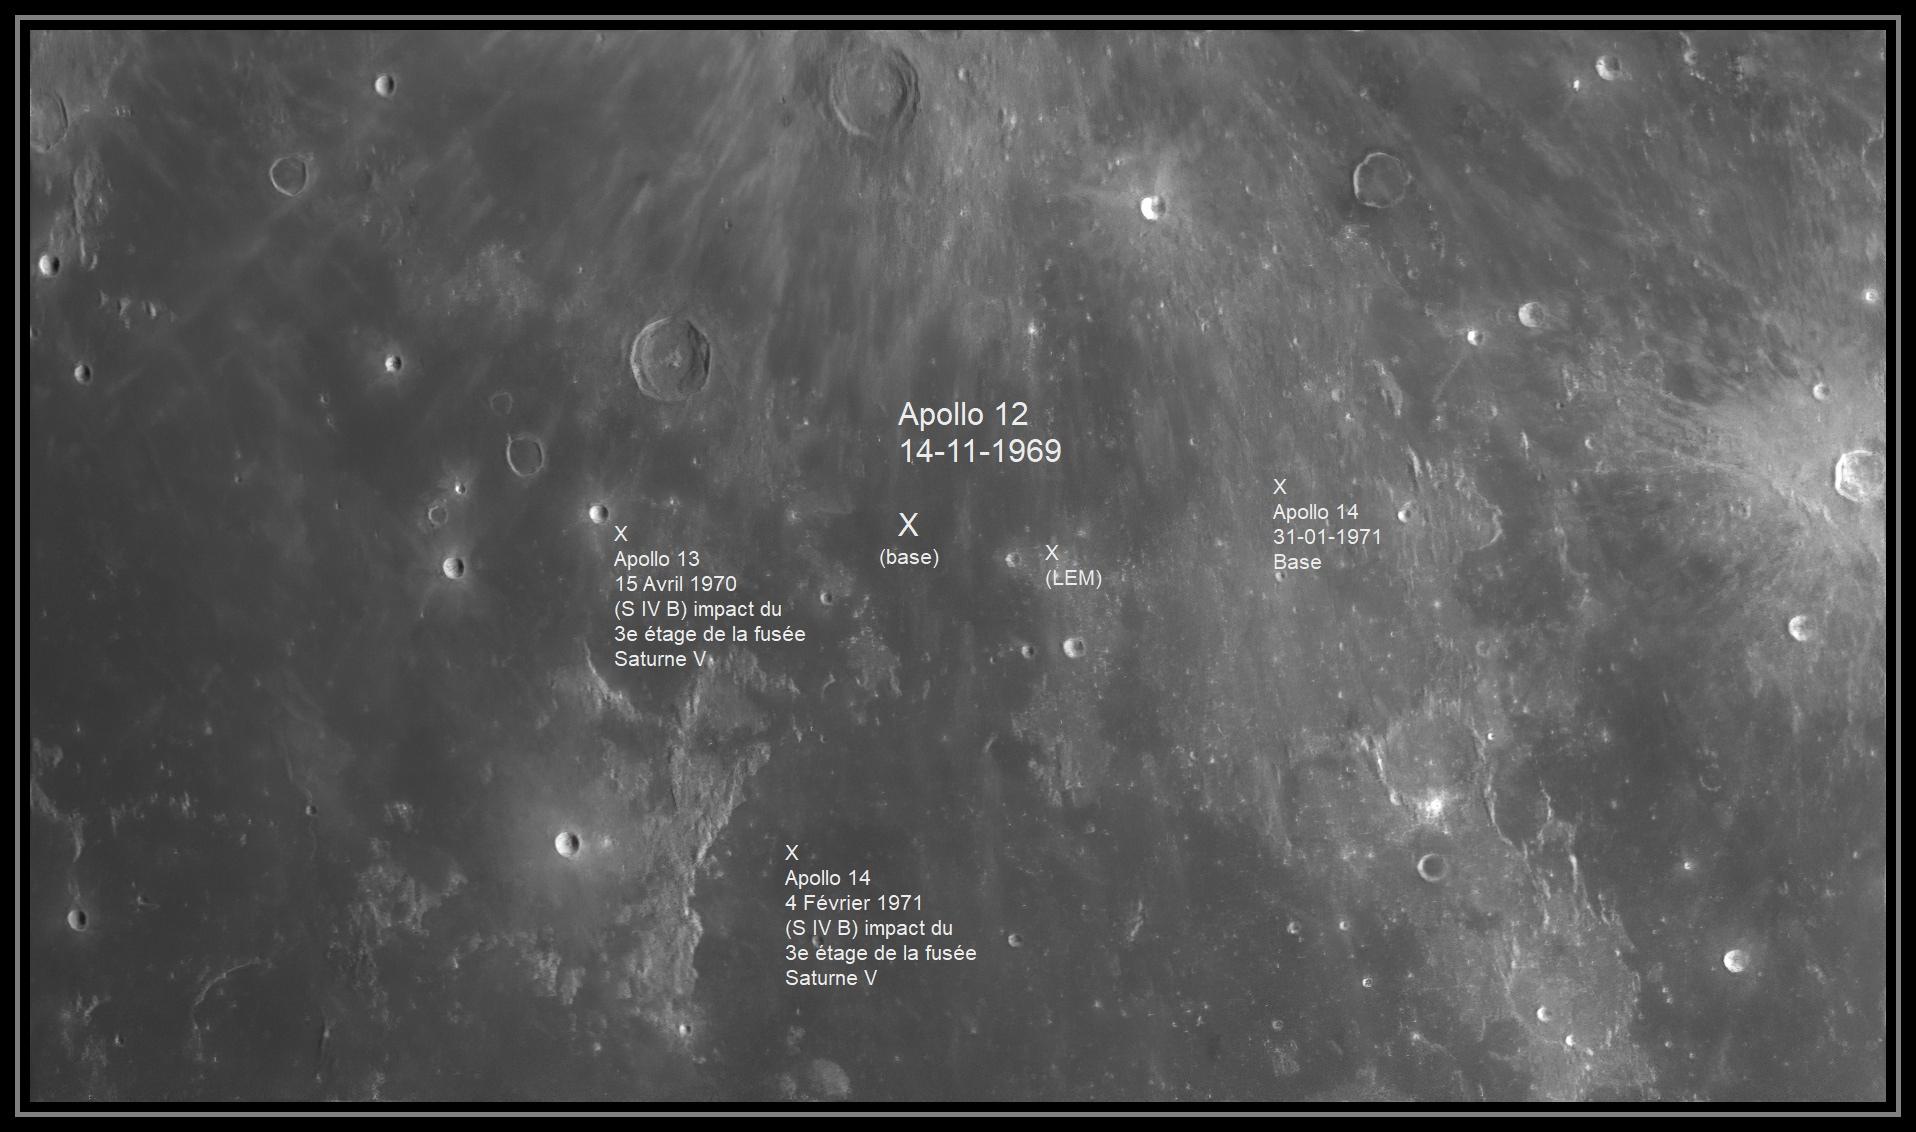 5e4868d1e8b22_Moon_215445_060220_ZWOASI290MM_B_AS_P35_lapl4_ap1394-Apollo12.jpg.a7bf8718386247b8a7330d8585c41870.jpg